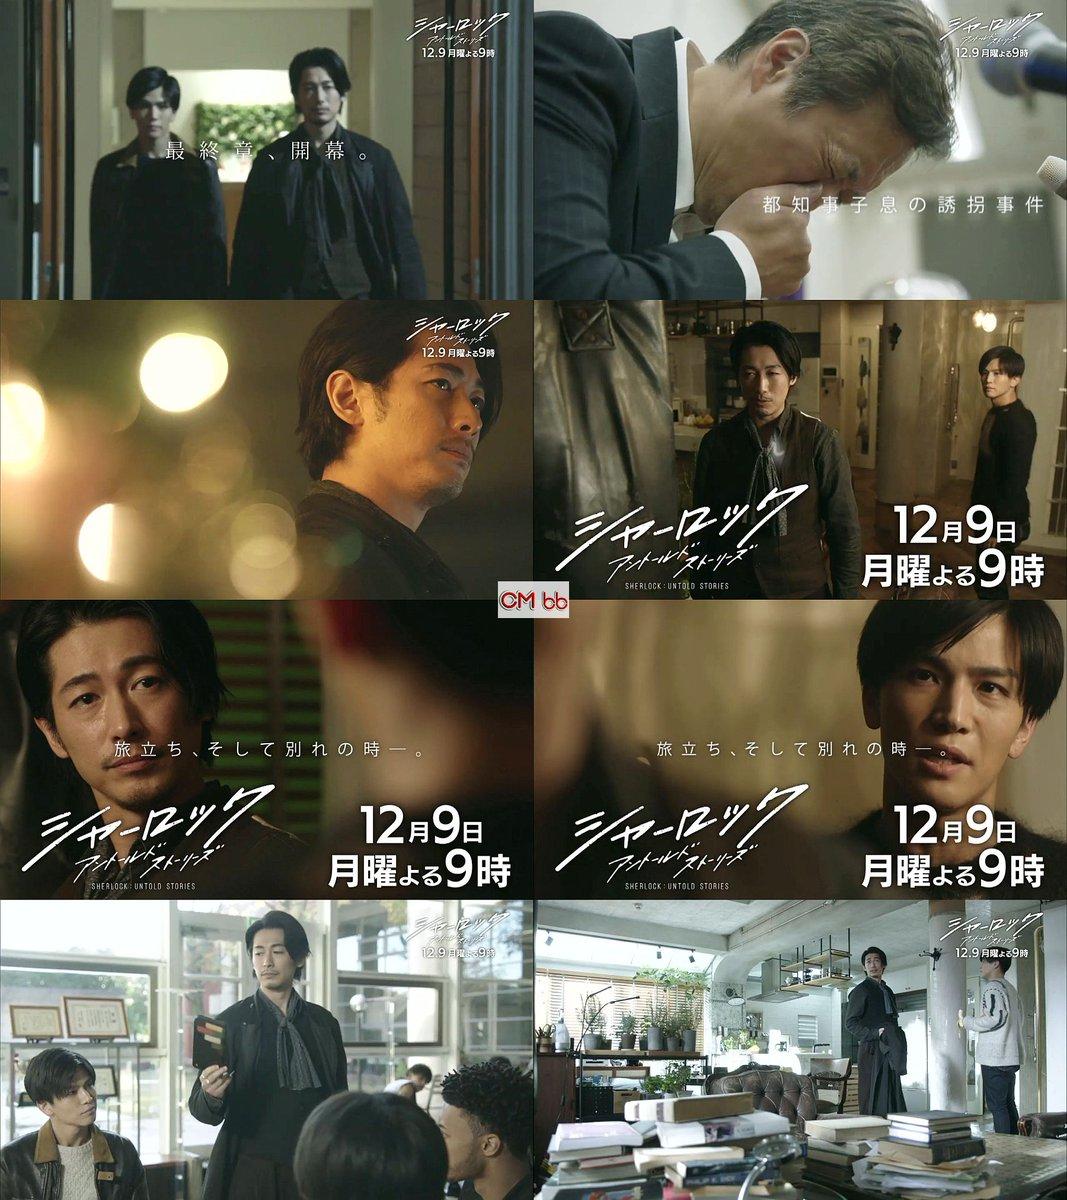 ドラマ シャーロック 第10話(12/09)予告編 CM よくわかる30秒版